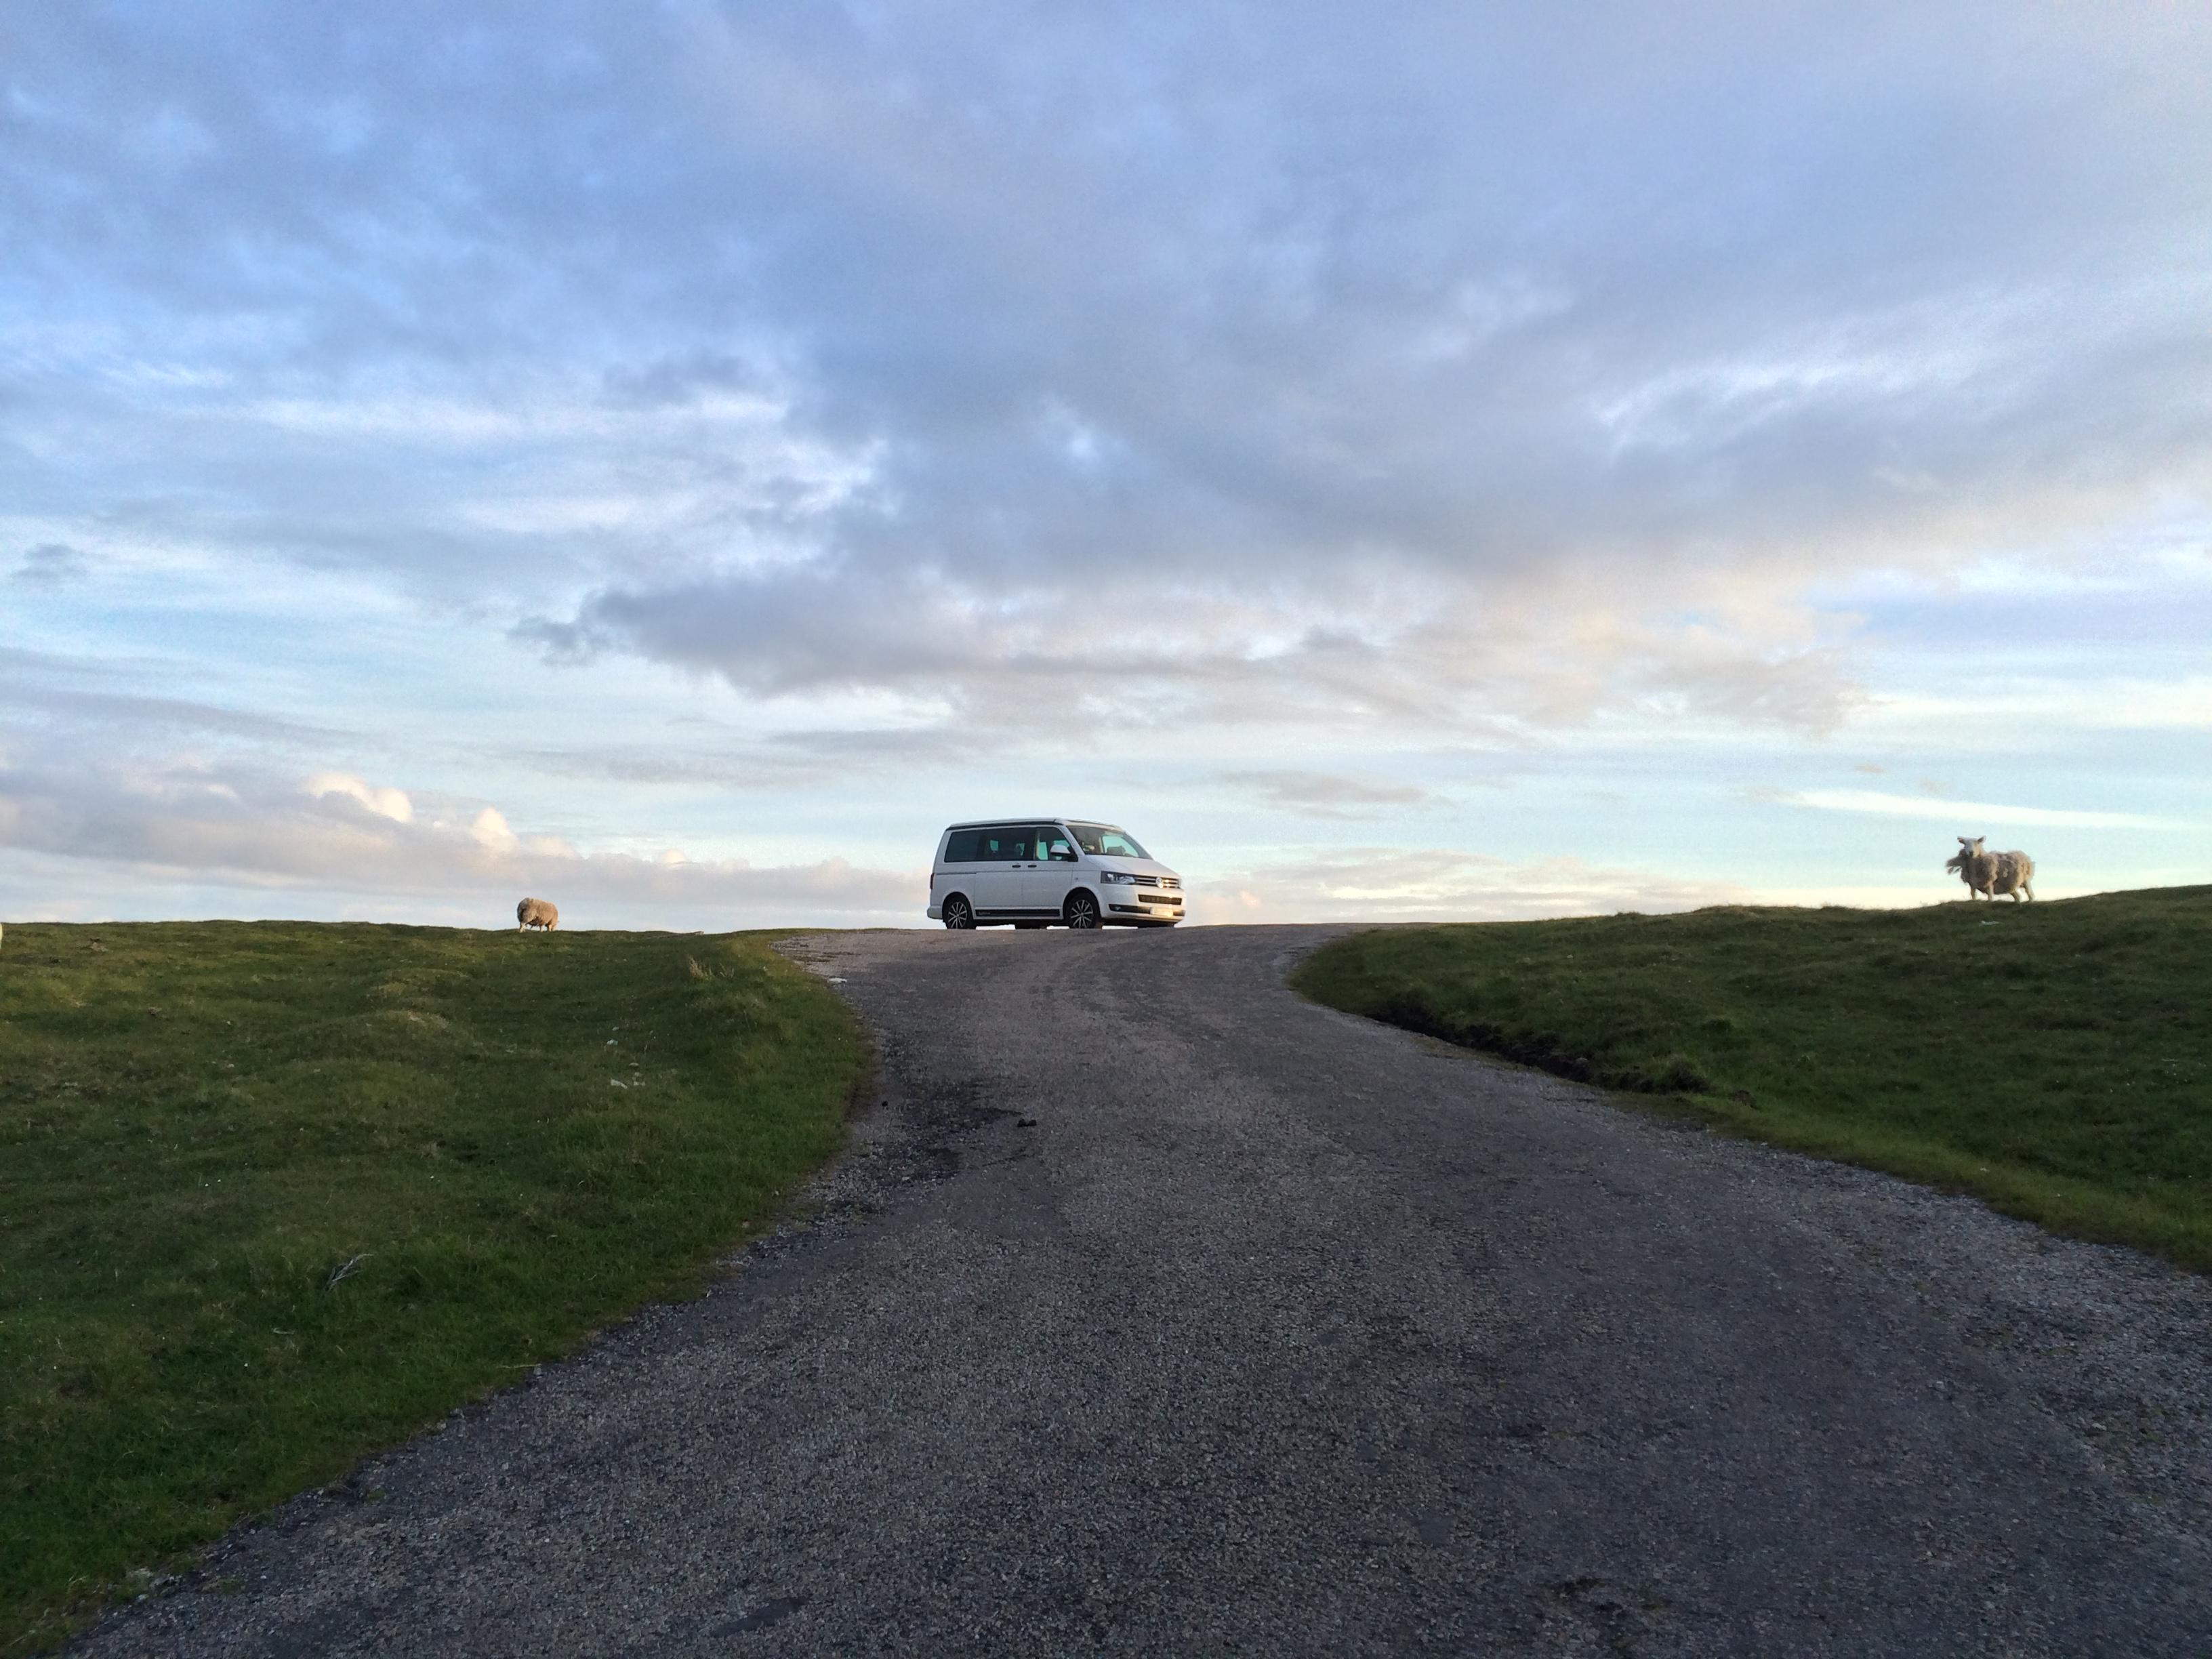 Über die Freiheit mit einem VW California auf Reisen zu sein